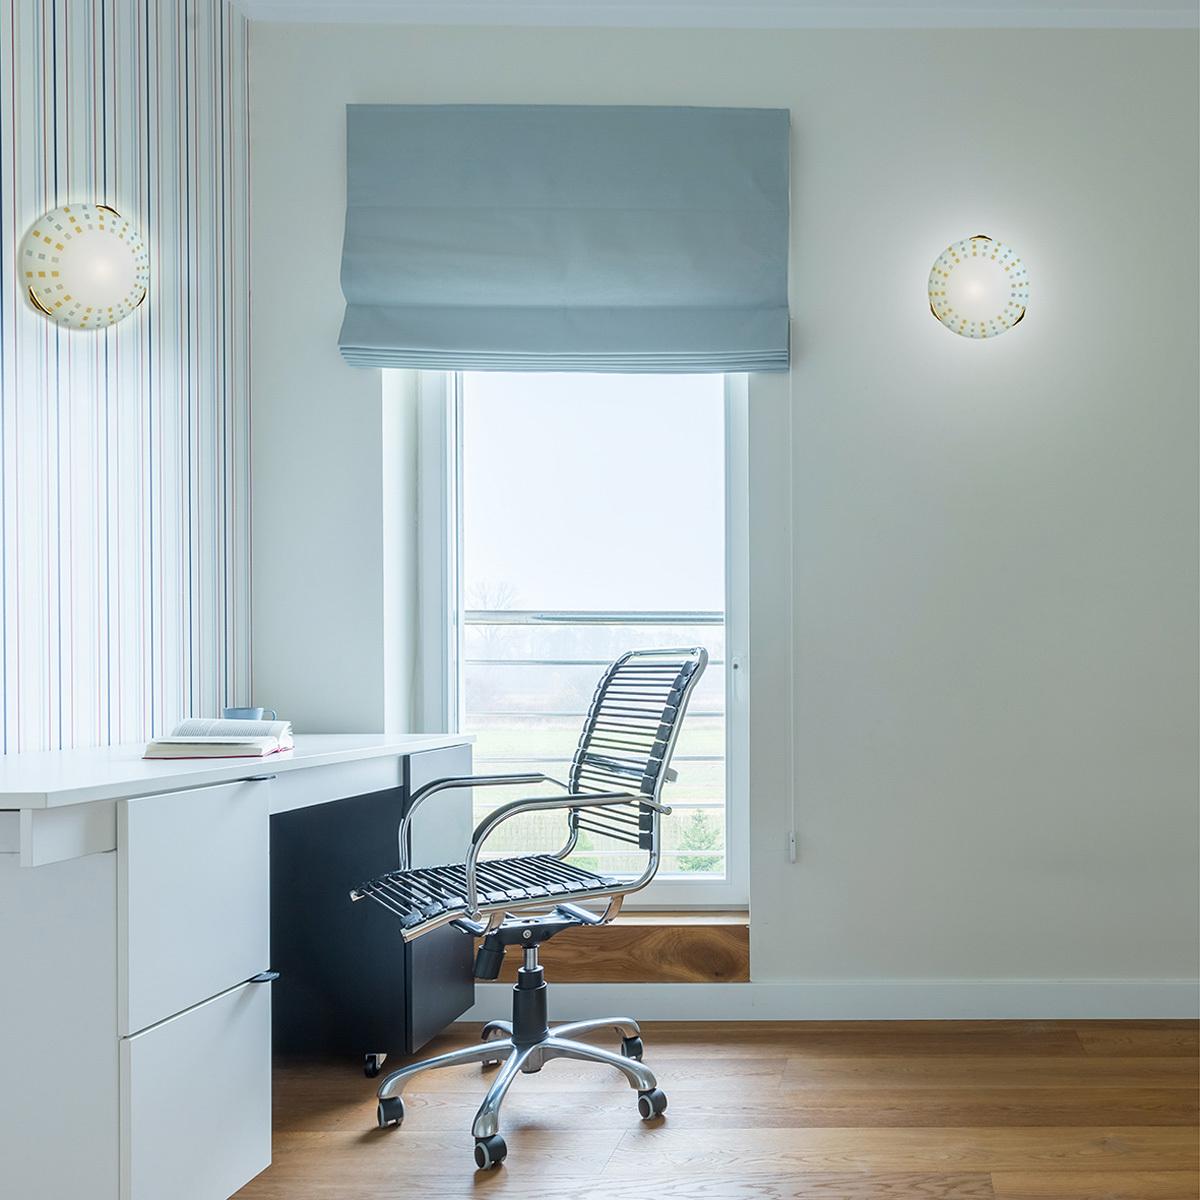 Потолочный светильник Sonex Quadro Ambra 263, 2xE27x100W, золото, желтый, металл, стекло - фото 4